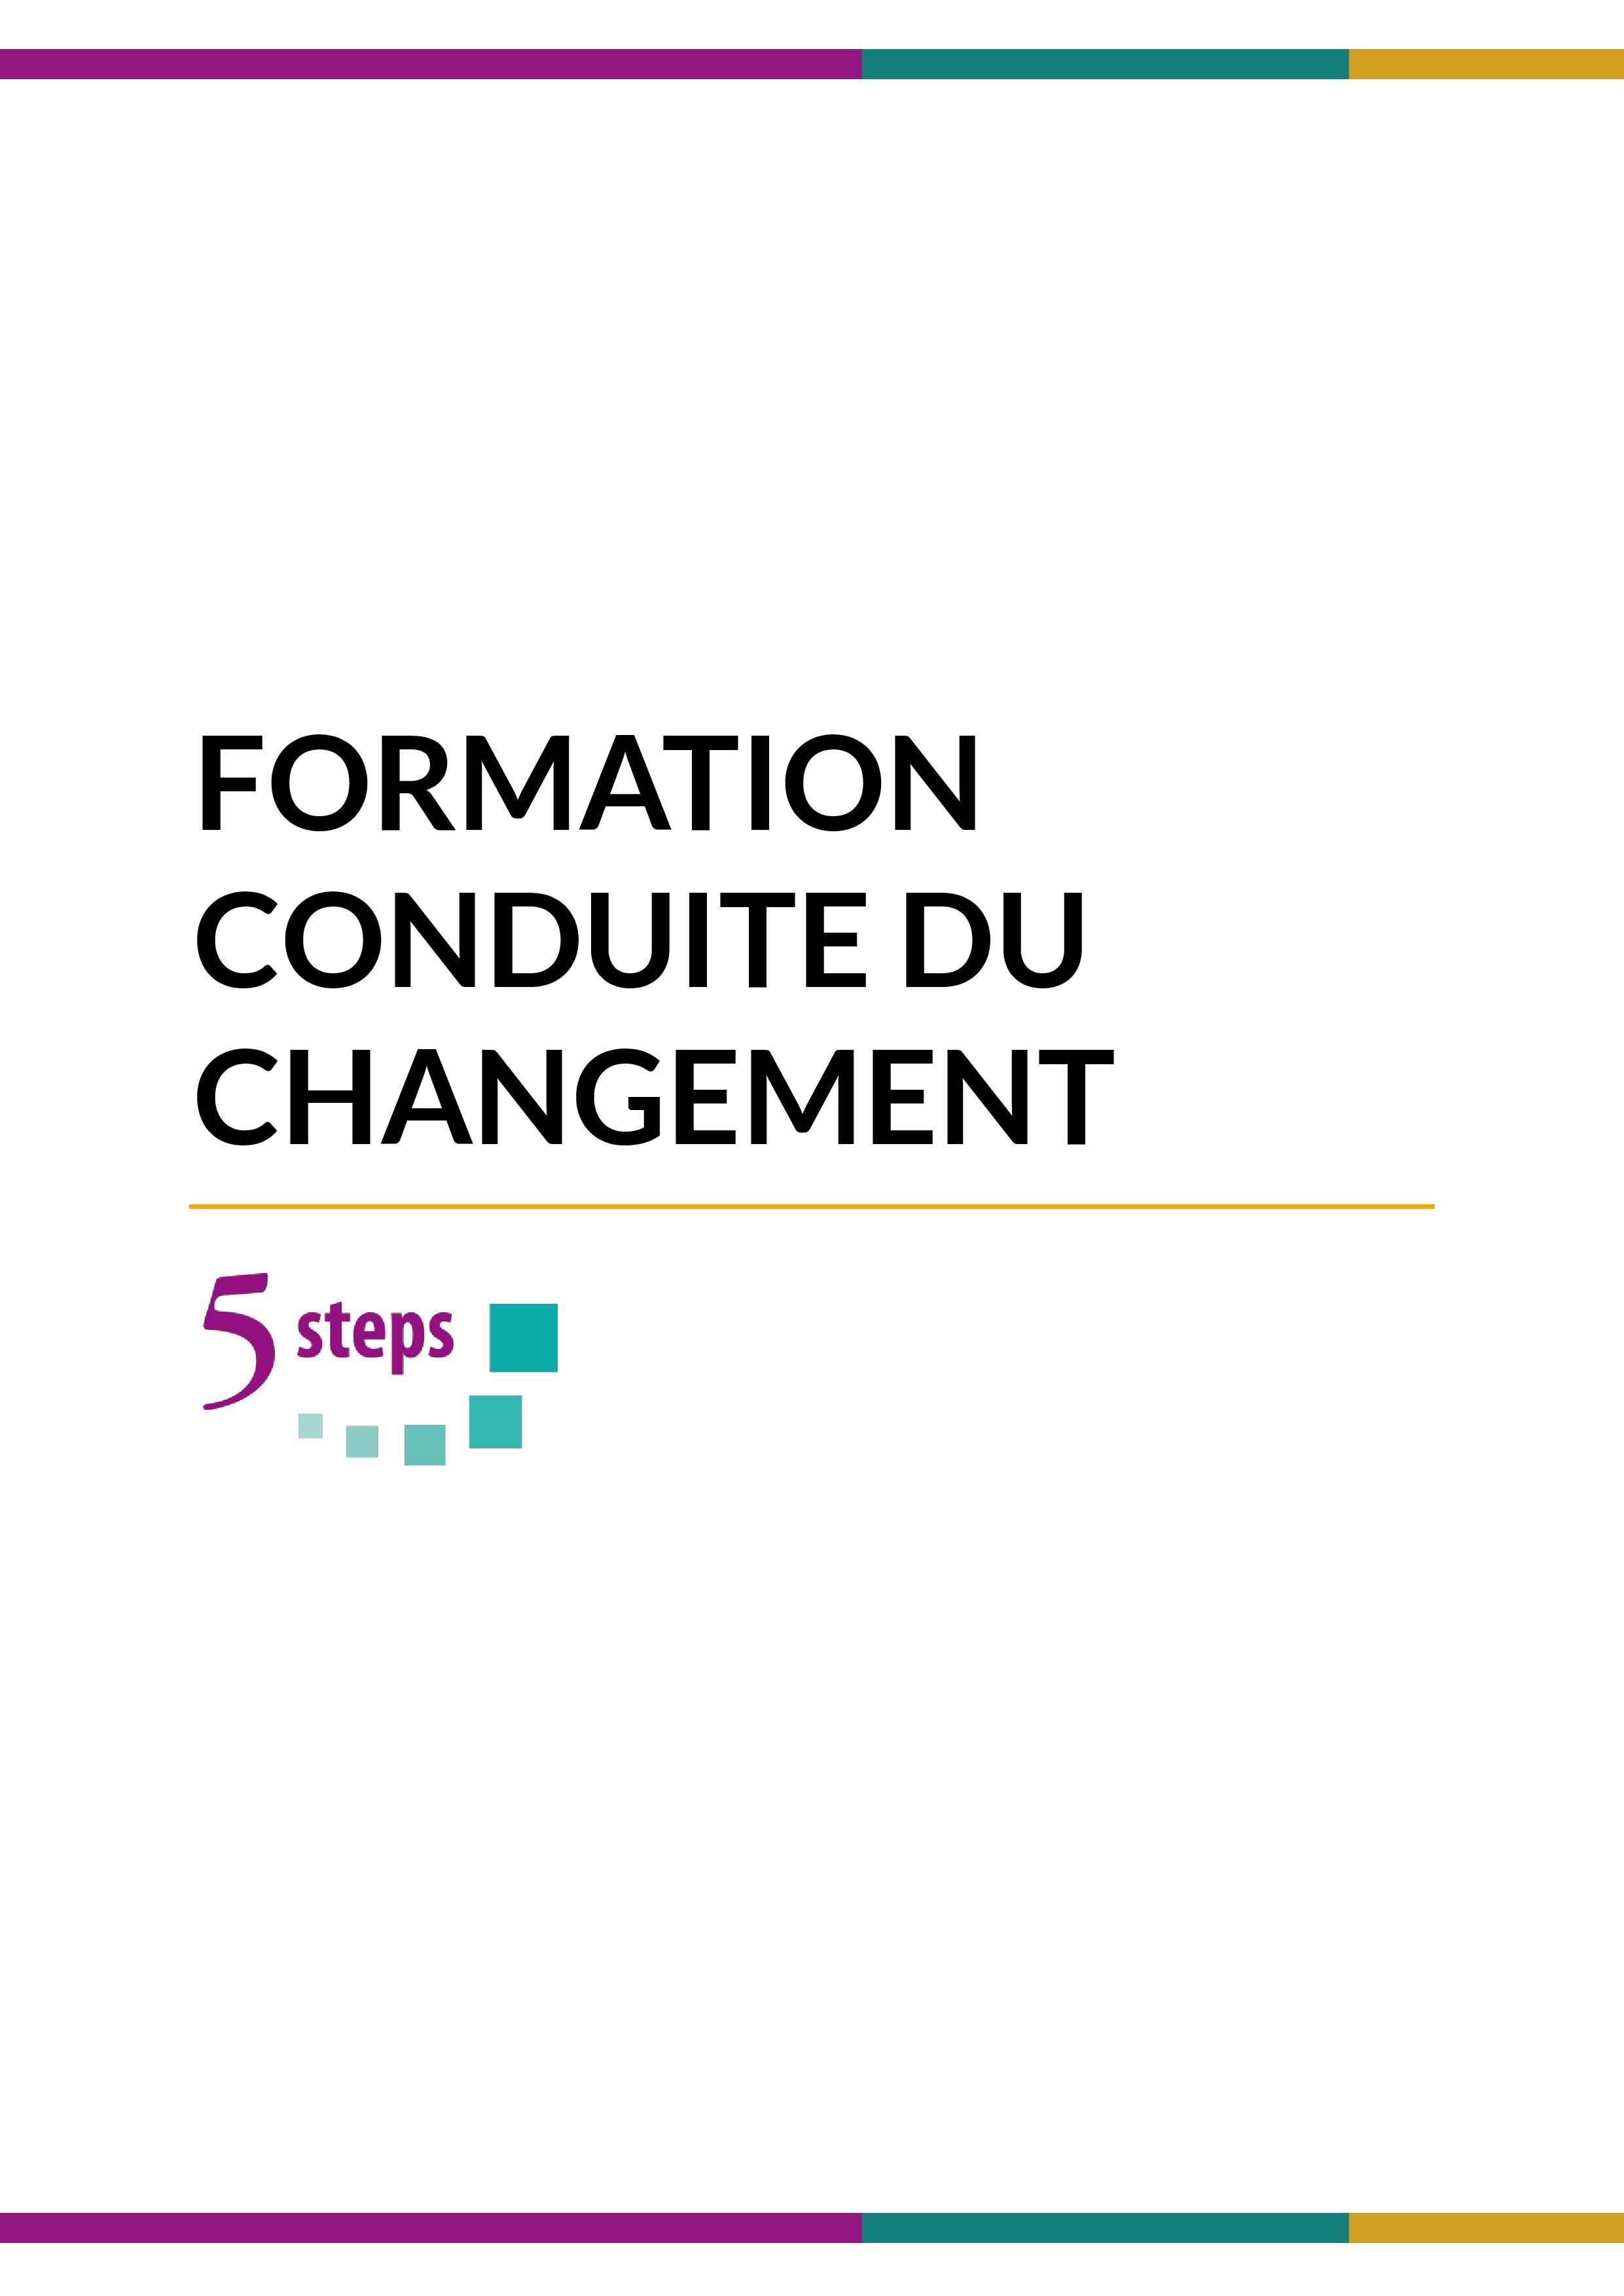 FORMATION CONDUITE DU CHANGEMENT-page-001 (1)